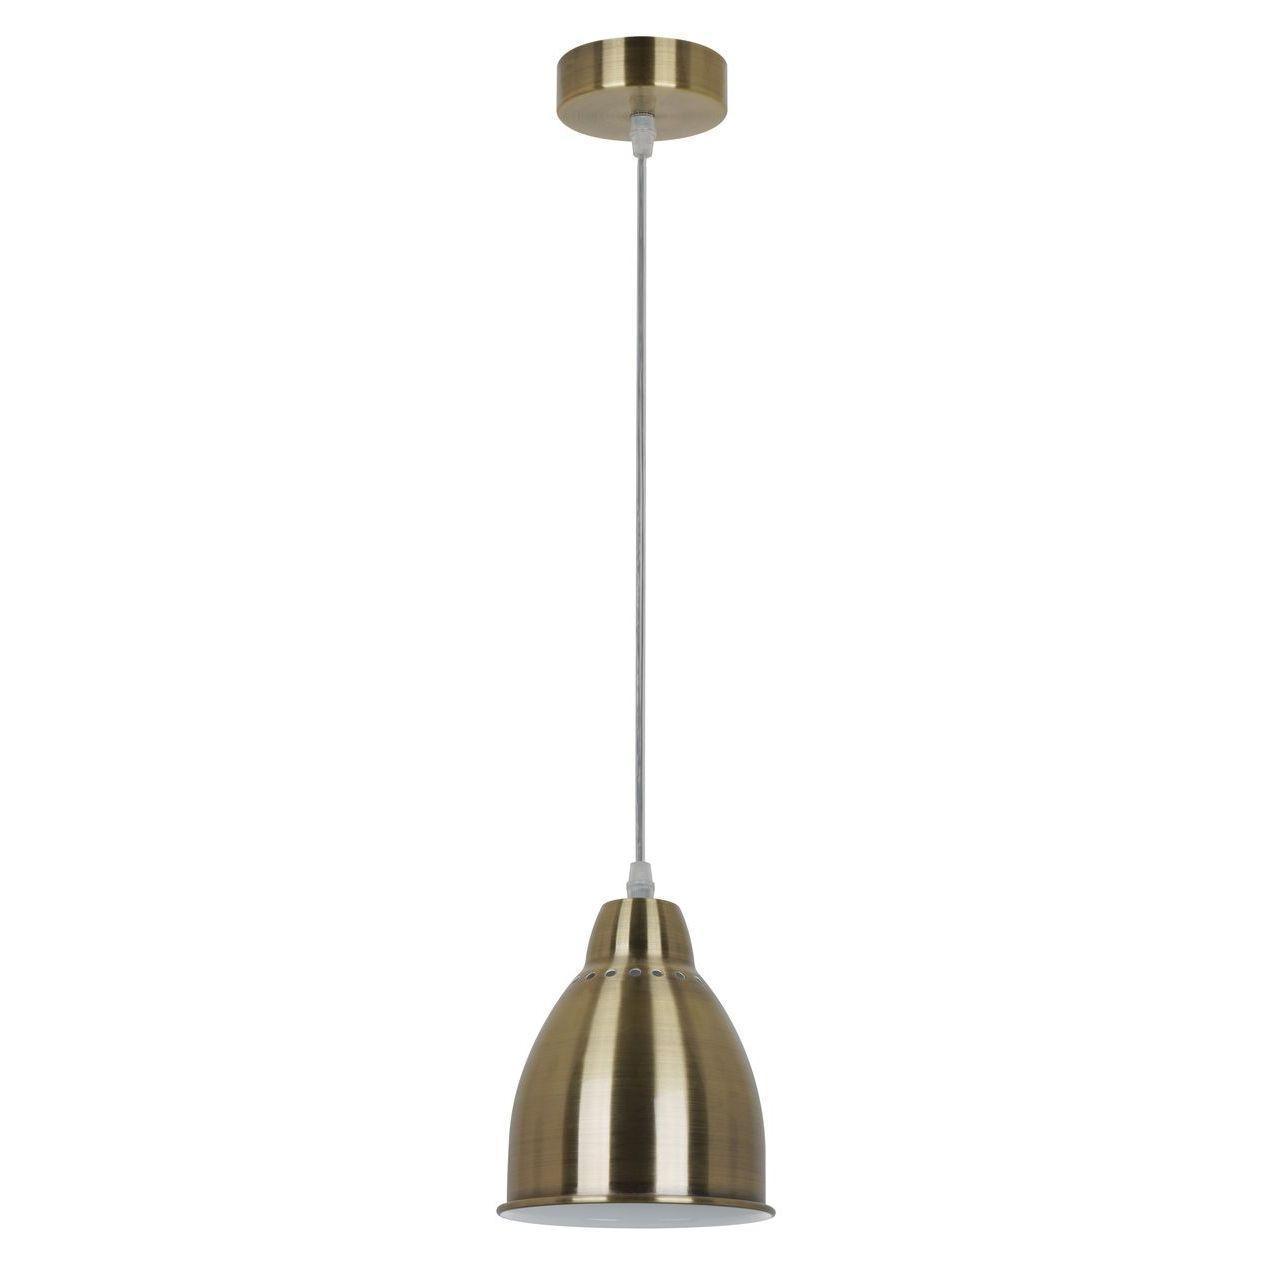 Подвесной светильник Arte Lamp Braccio A2054SP-1AB подвесной светильник arte lamp braccio a2054sp 1ab